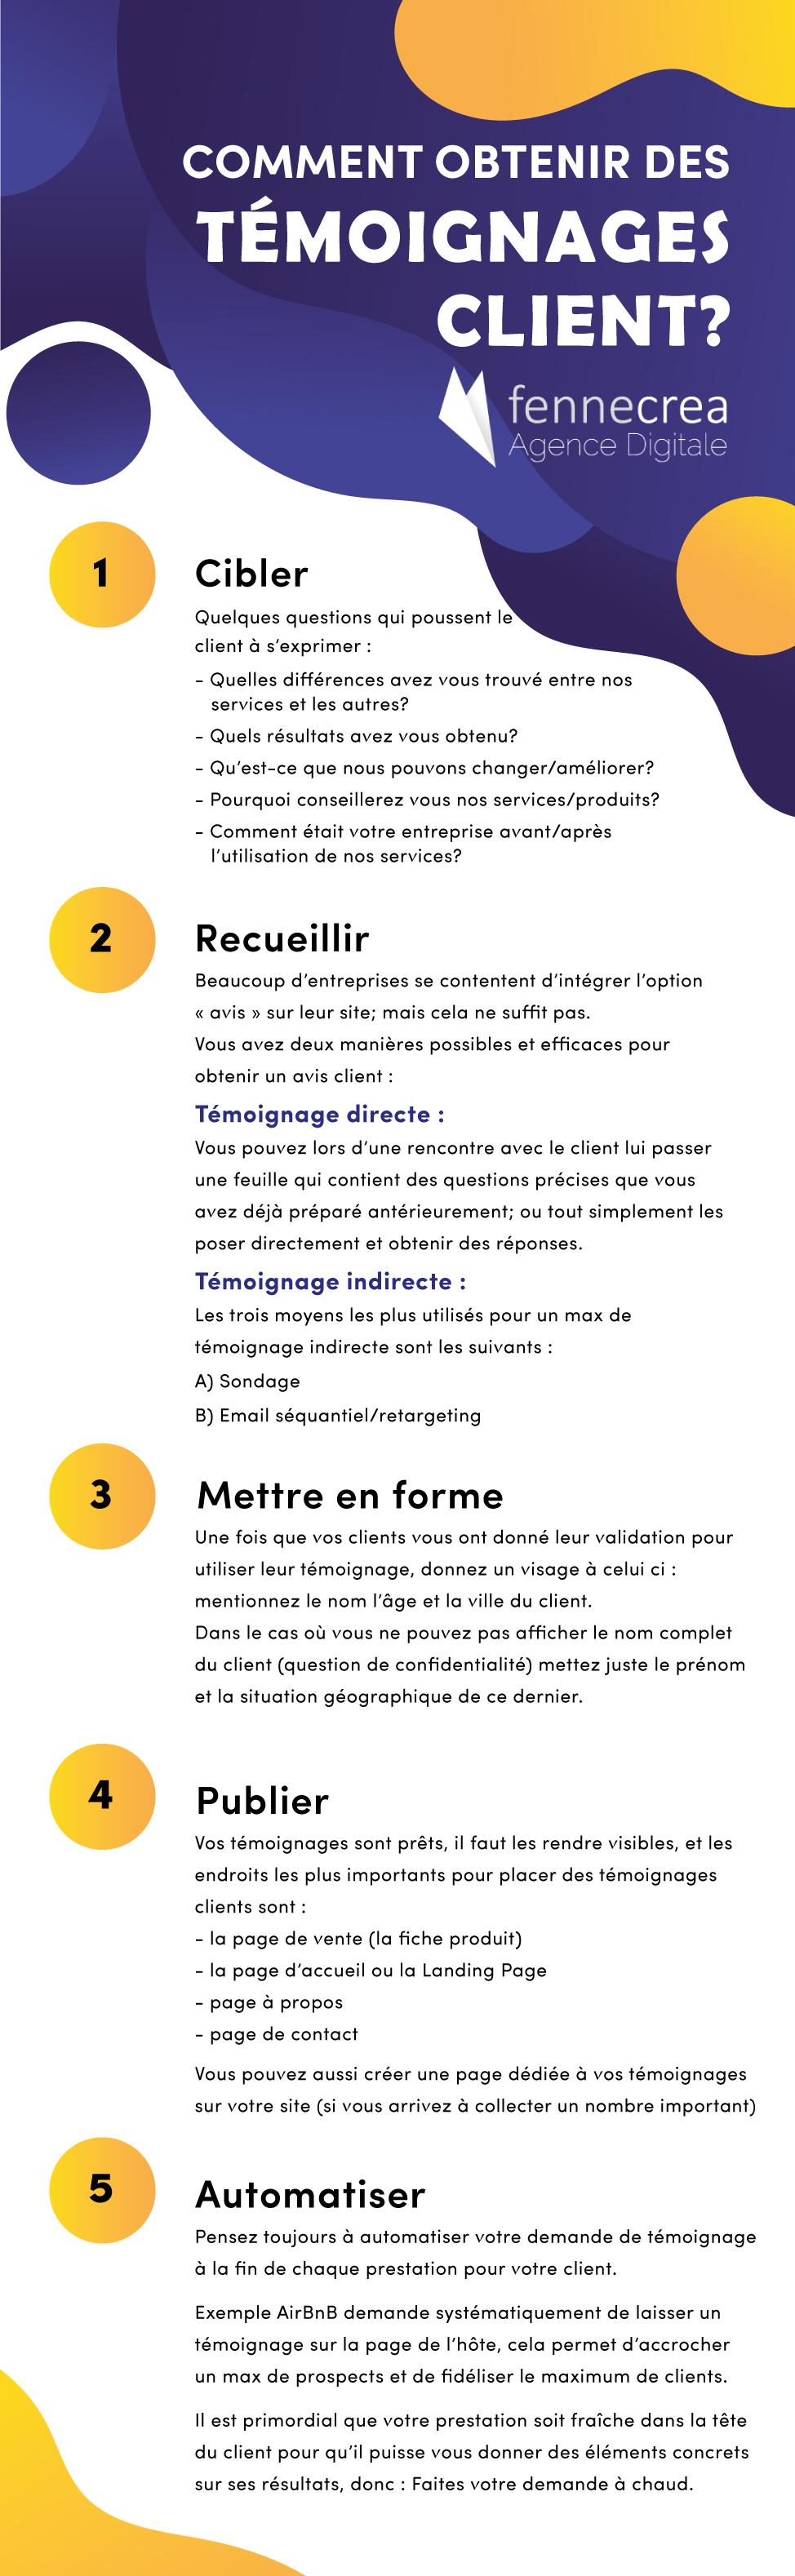 infographie comment obtenir des témoignages clients